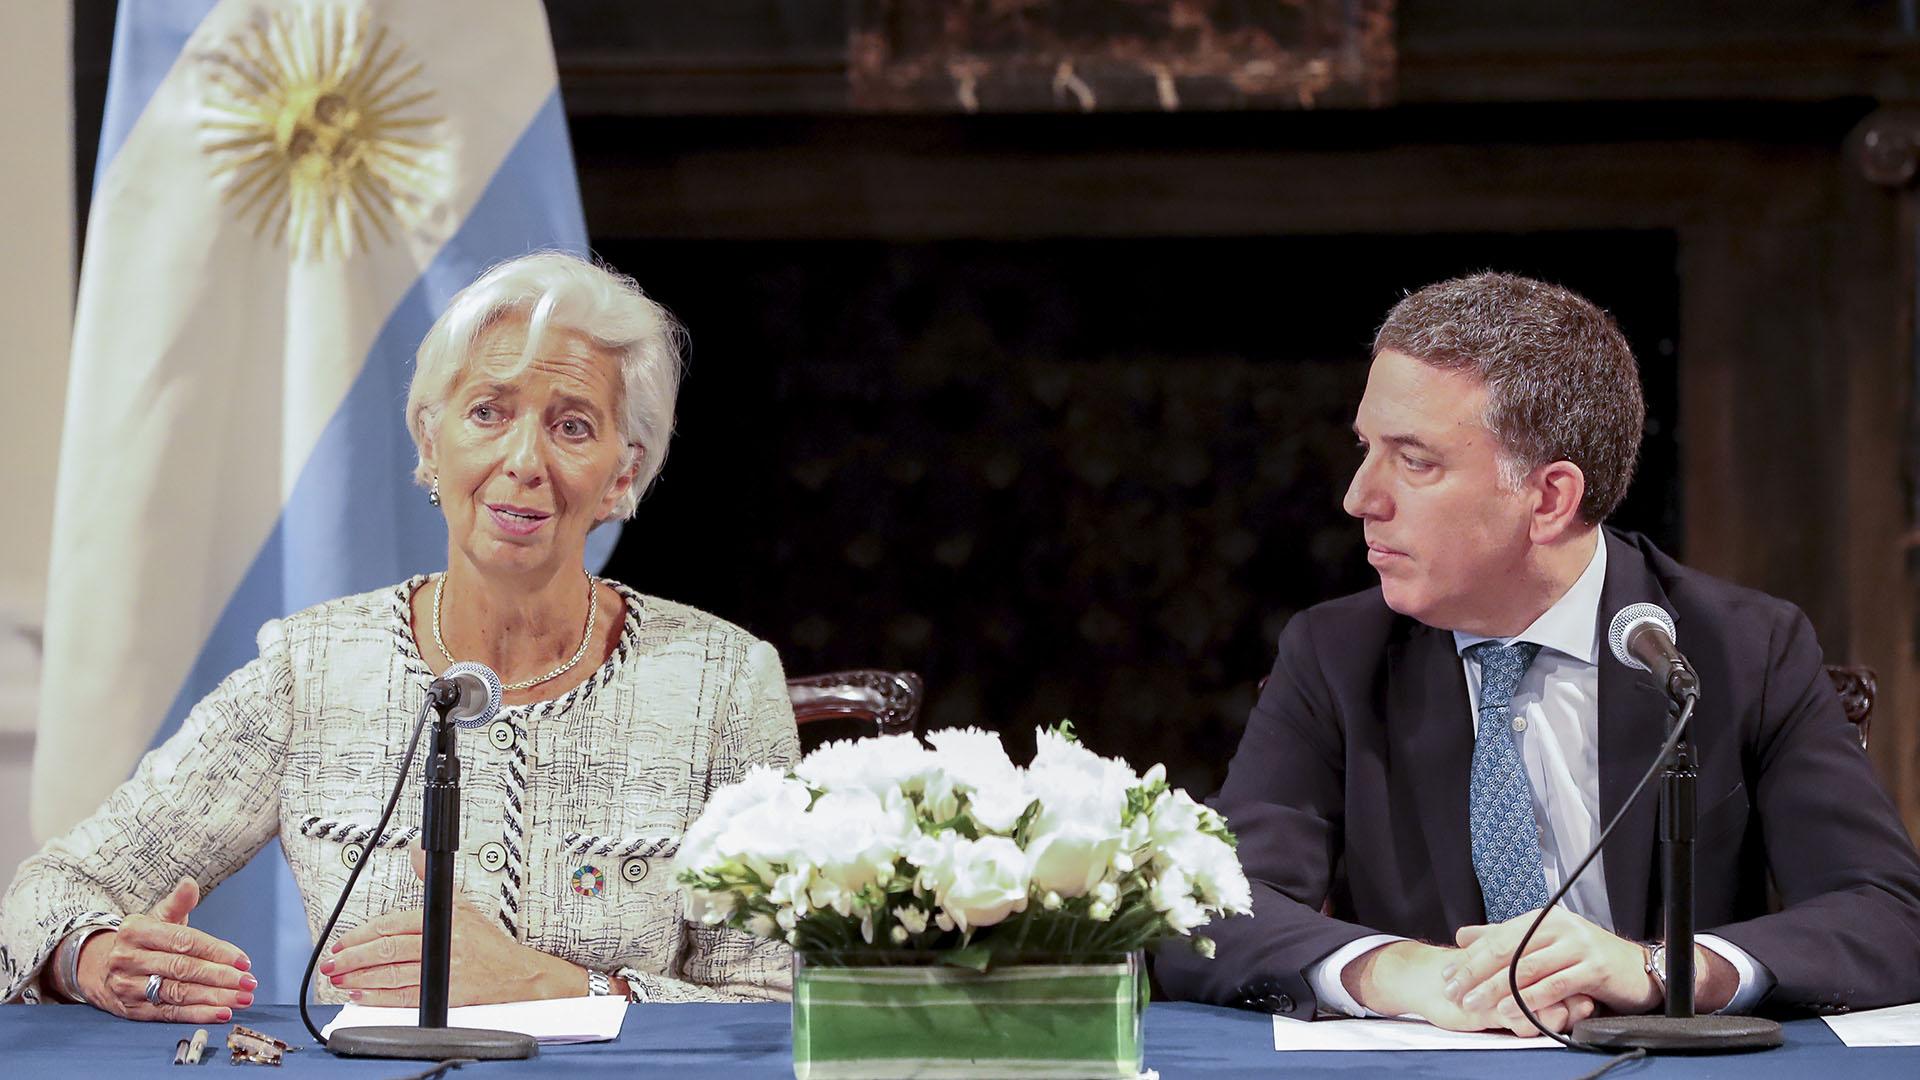 El acuerdo empezó a caminar, tejido trabajosamente por Dujovne y su equipo, que logró un buen vínculo con la directora del Fondo Monetario. Los mercados aún no se tranquilizaban del todo.